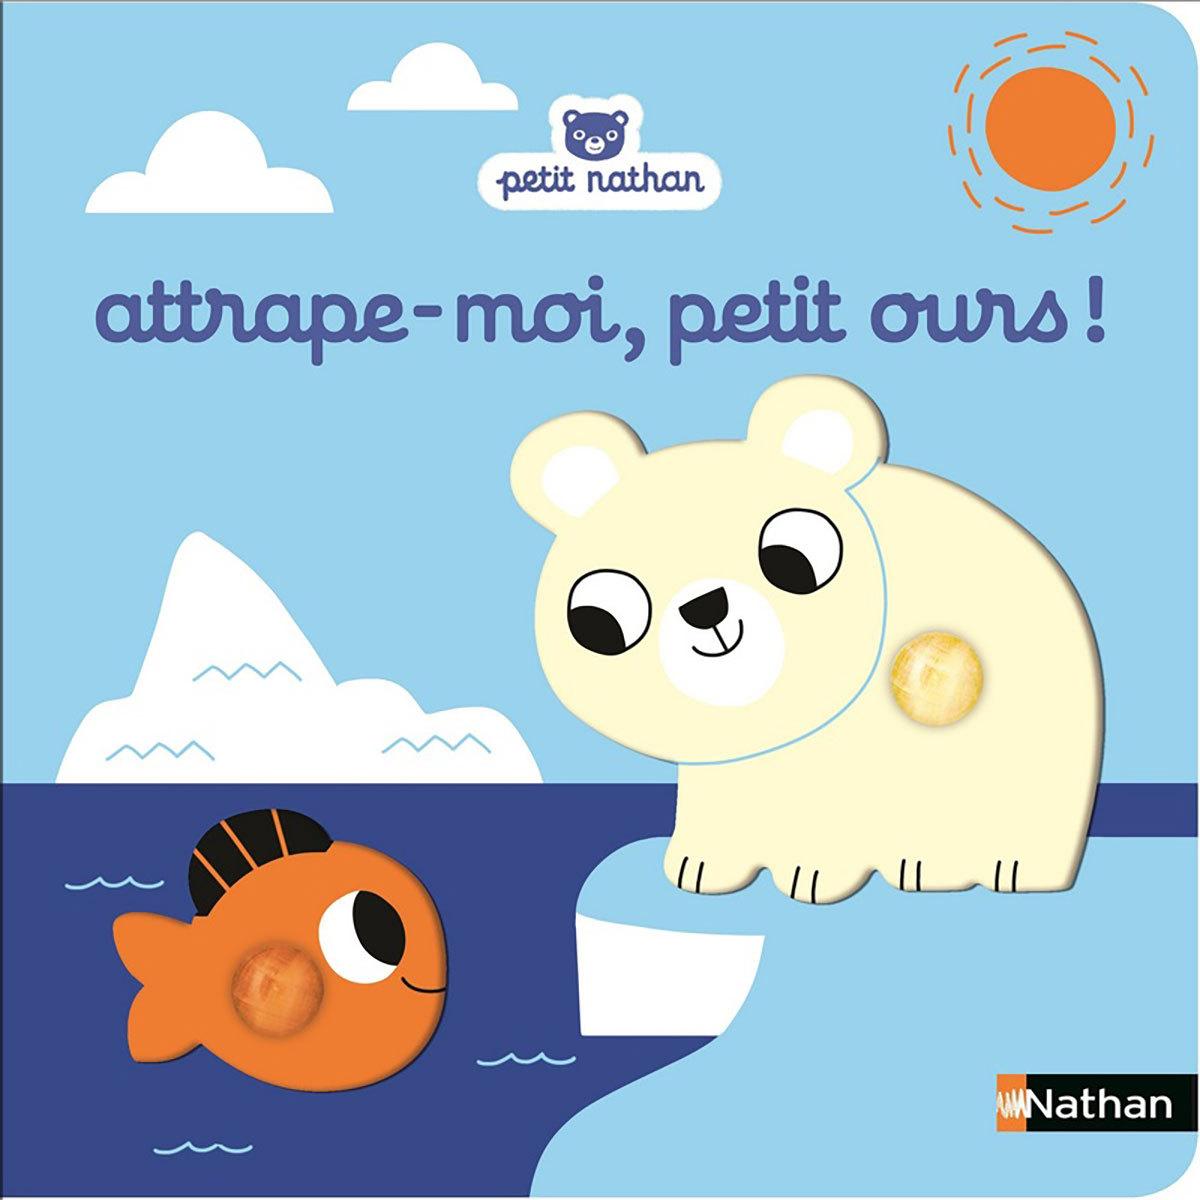 Livre & Carte Attrape-Moi, Petit Ours ! Attrape-Moi, Petit Ours !